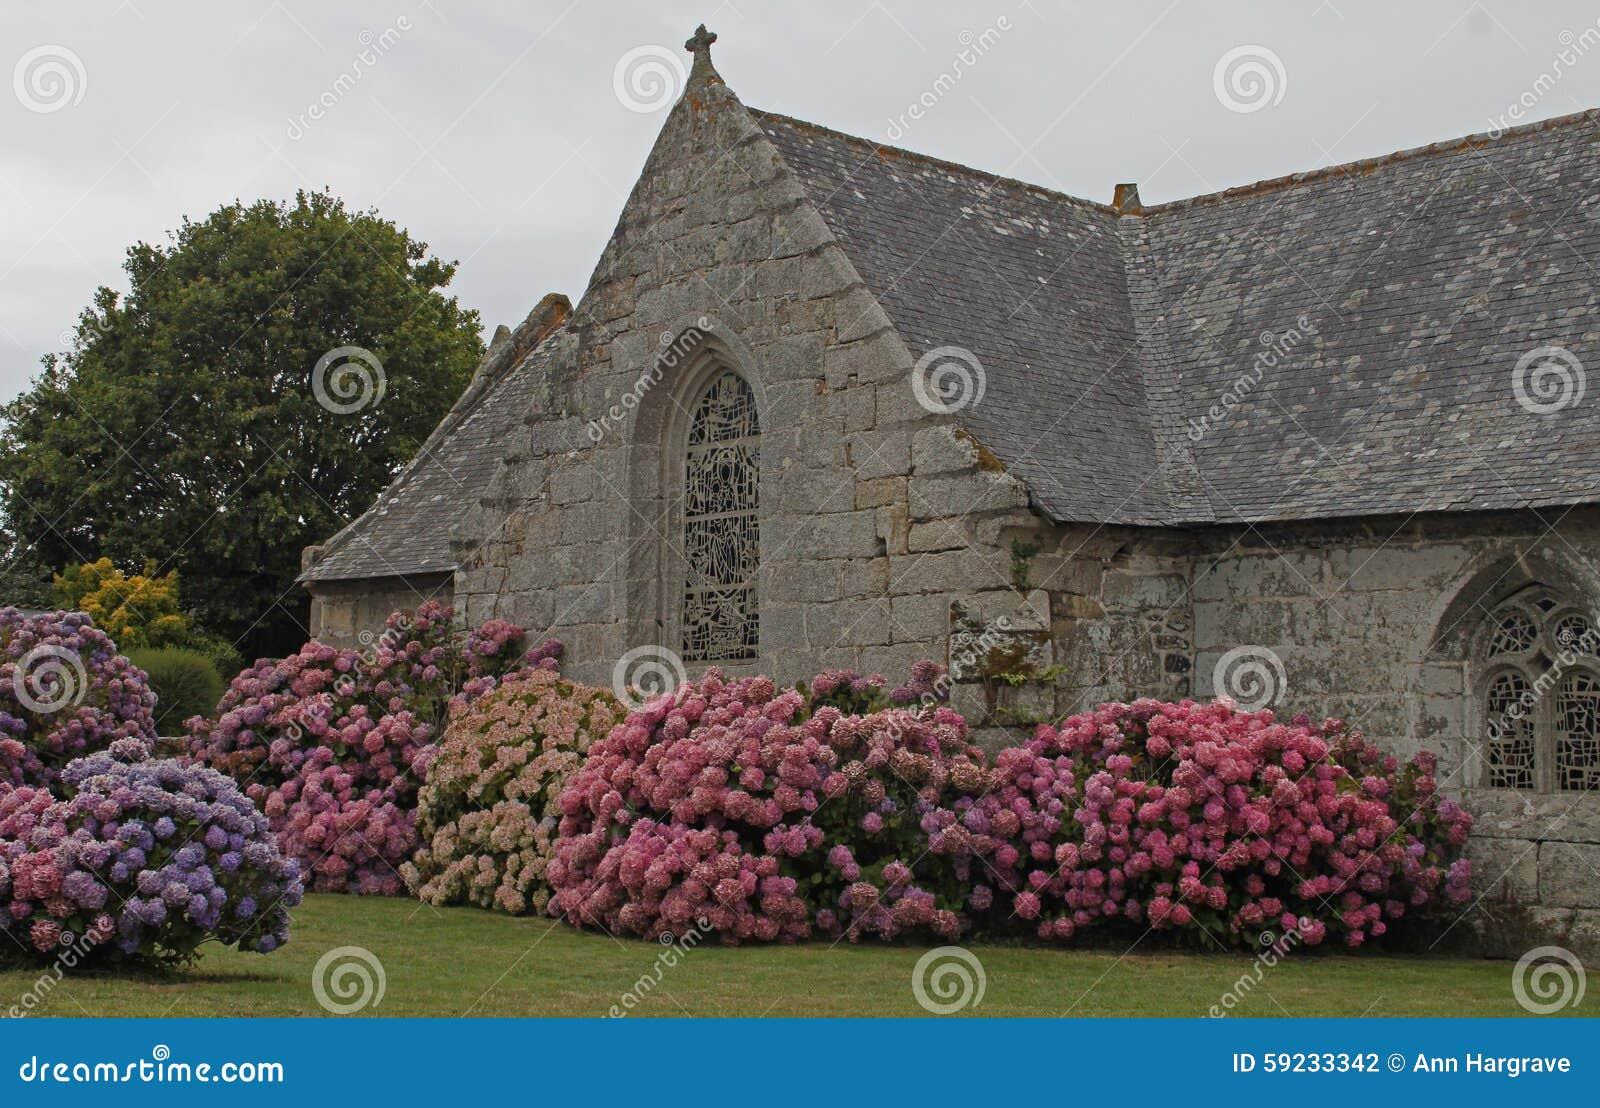 Download Iglesia Vieja Con La Ventana Y La Planta De La Hortensia Foto de archivo - Imagen de cristiano, configuración: 59233342